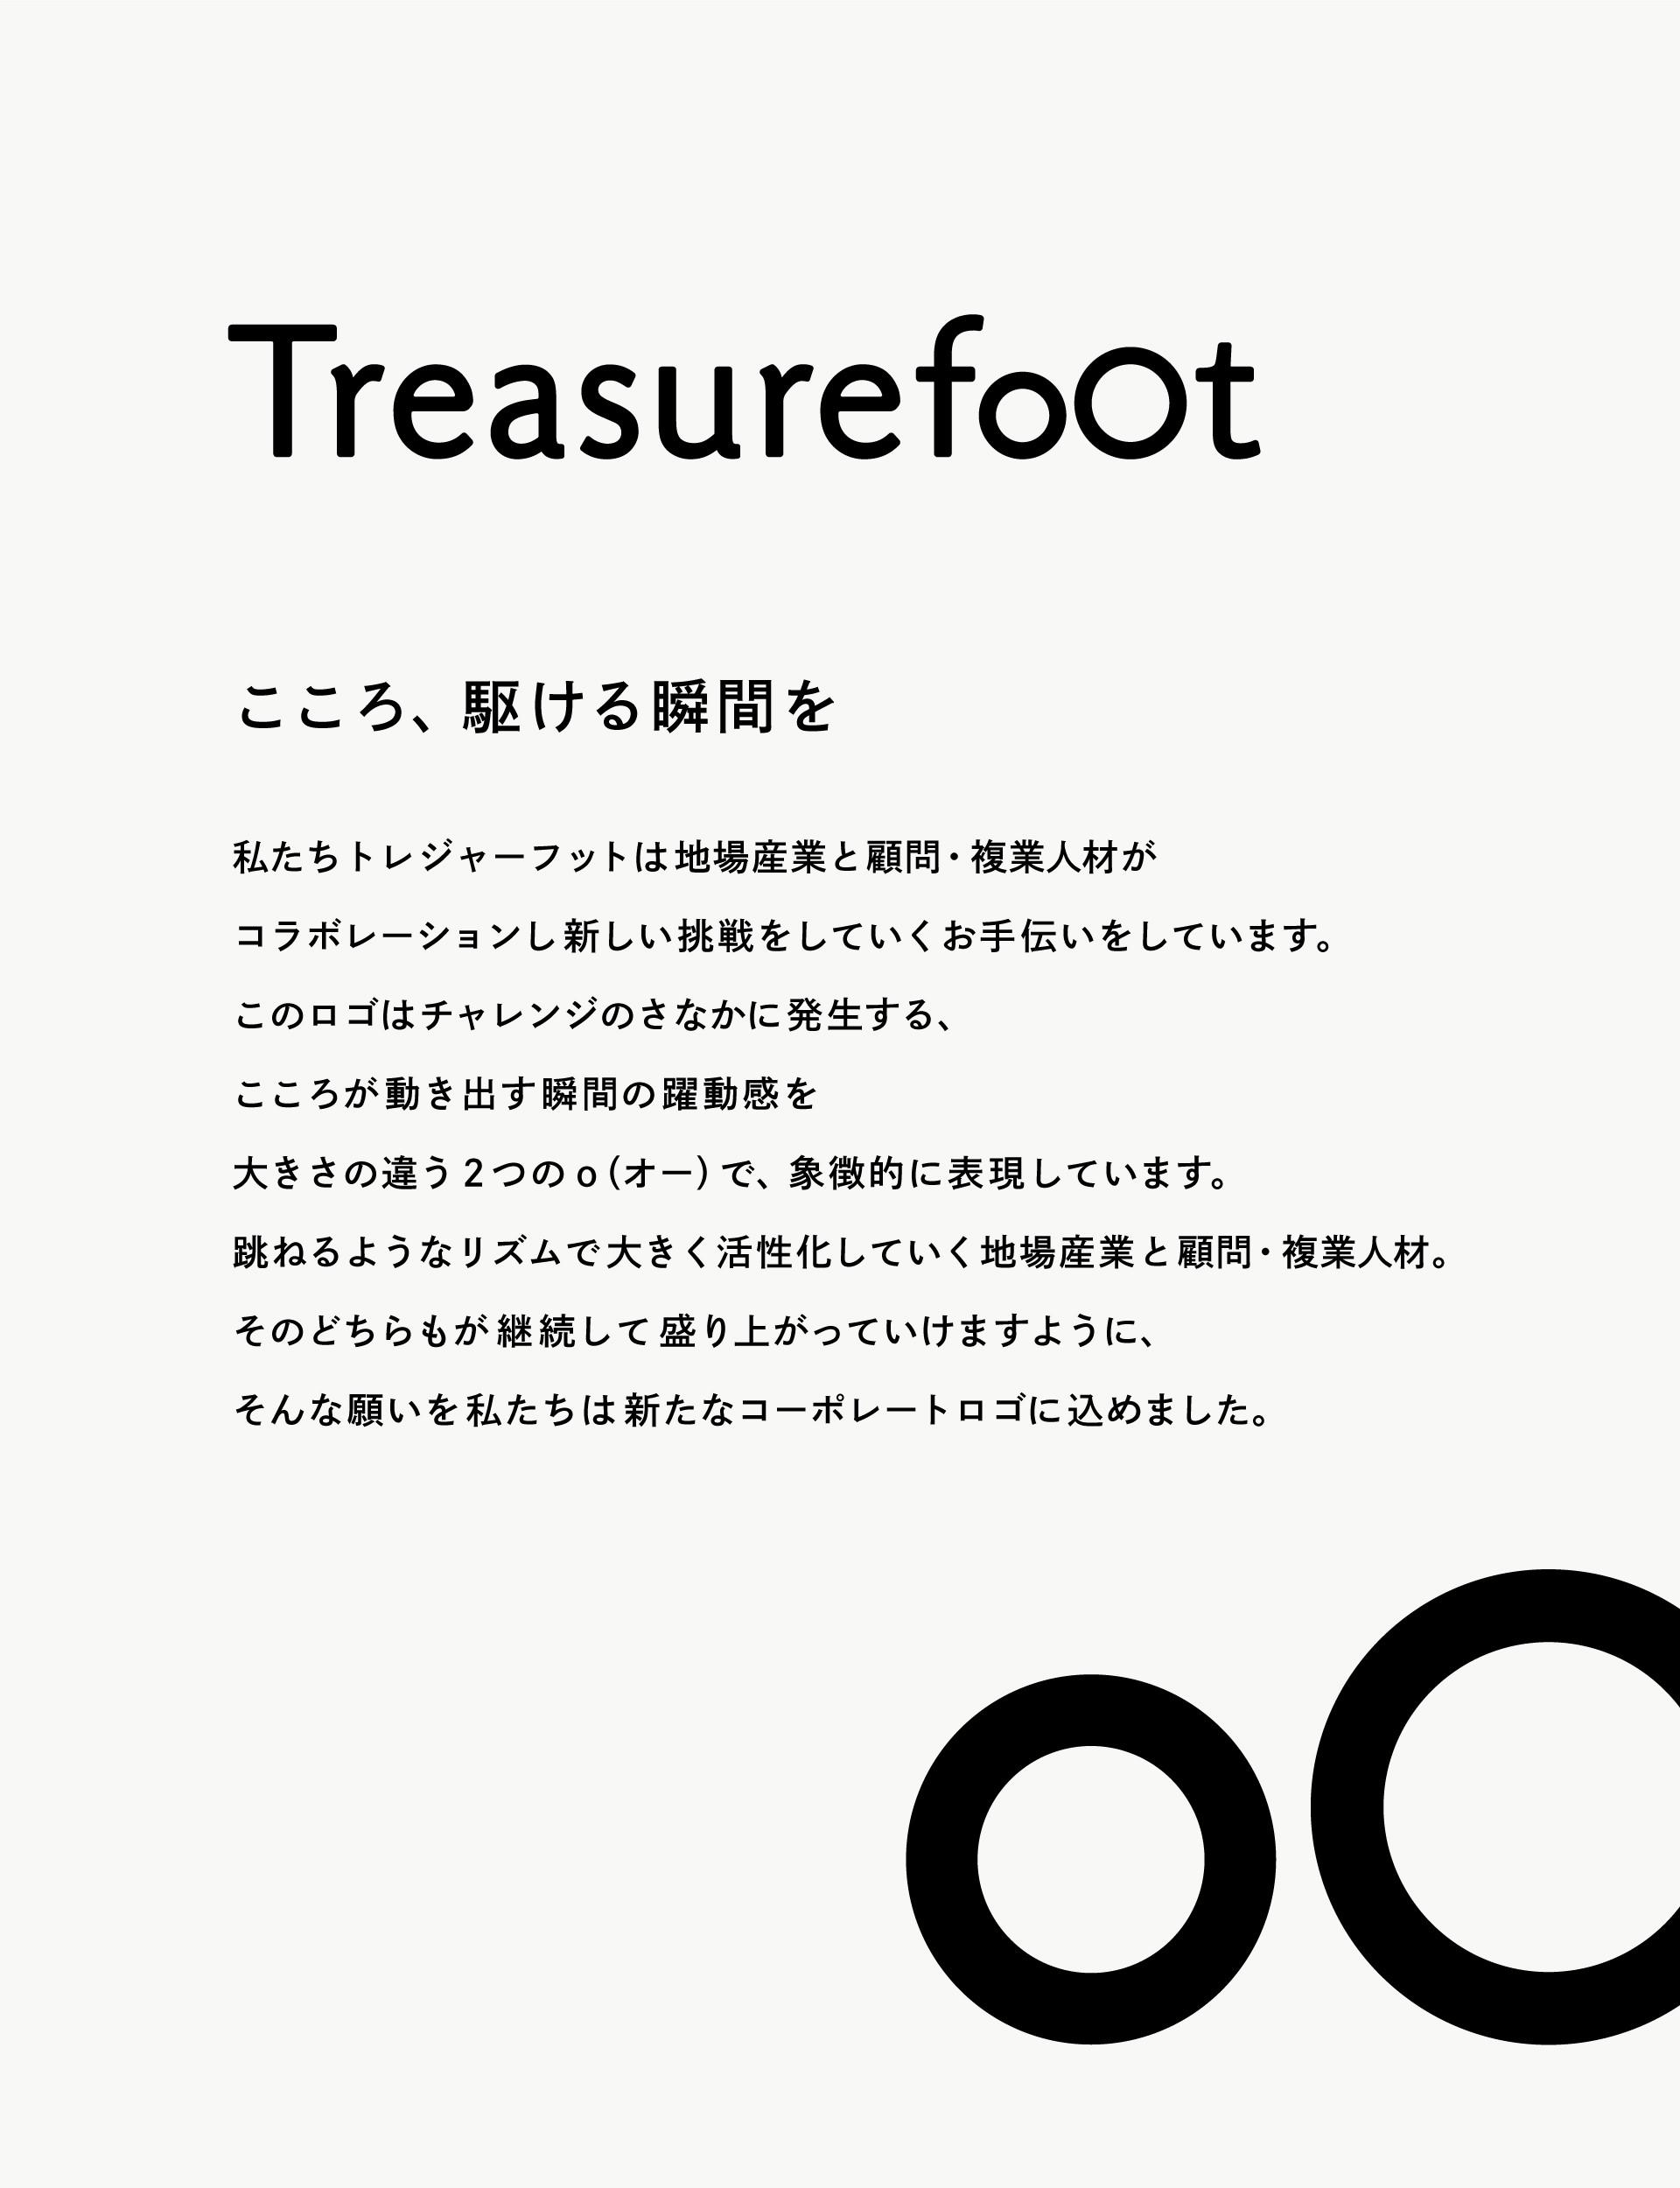 trasurefoot_01.jpg